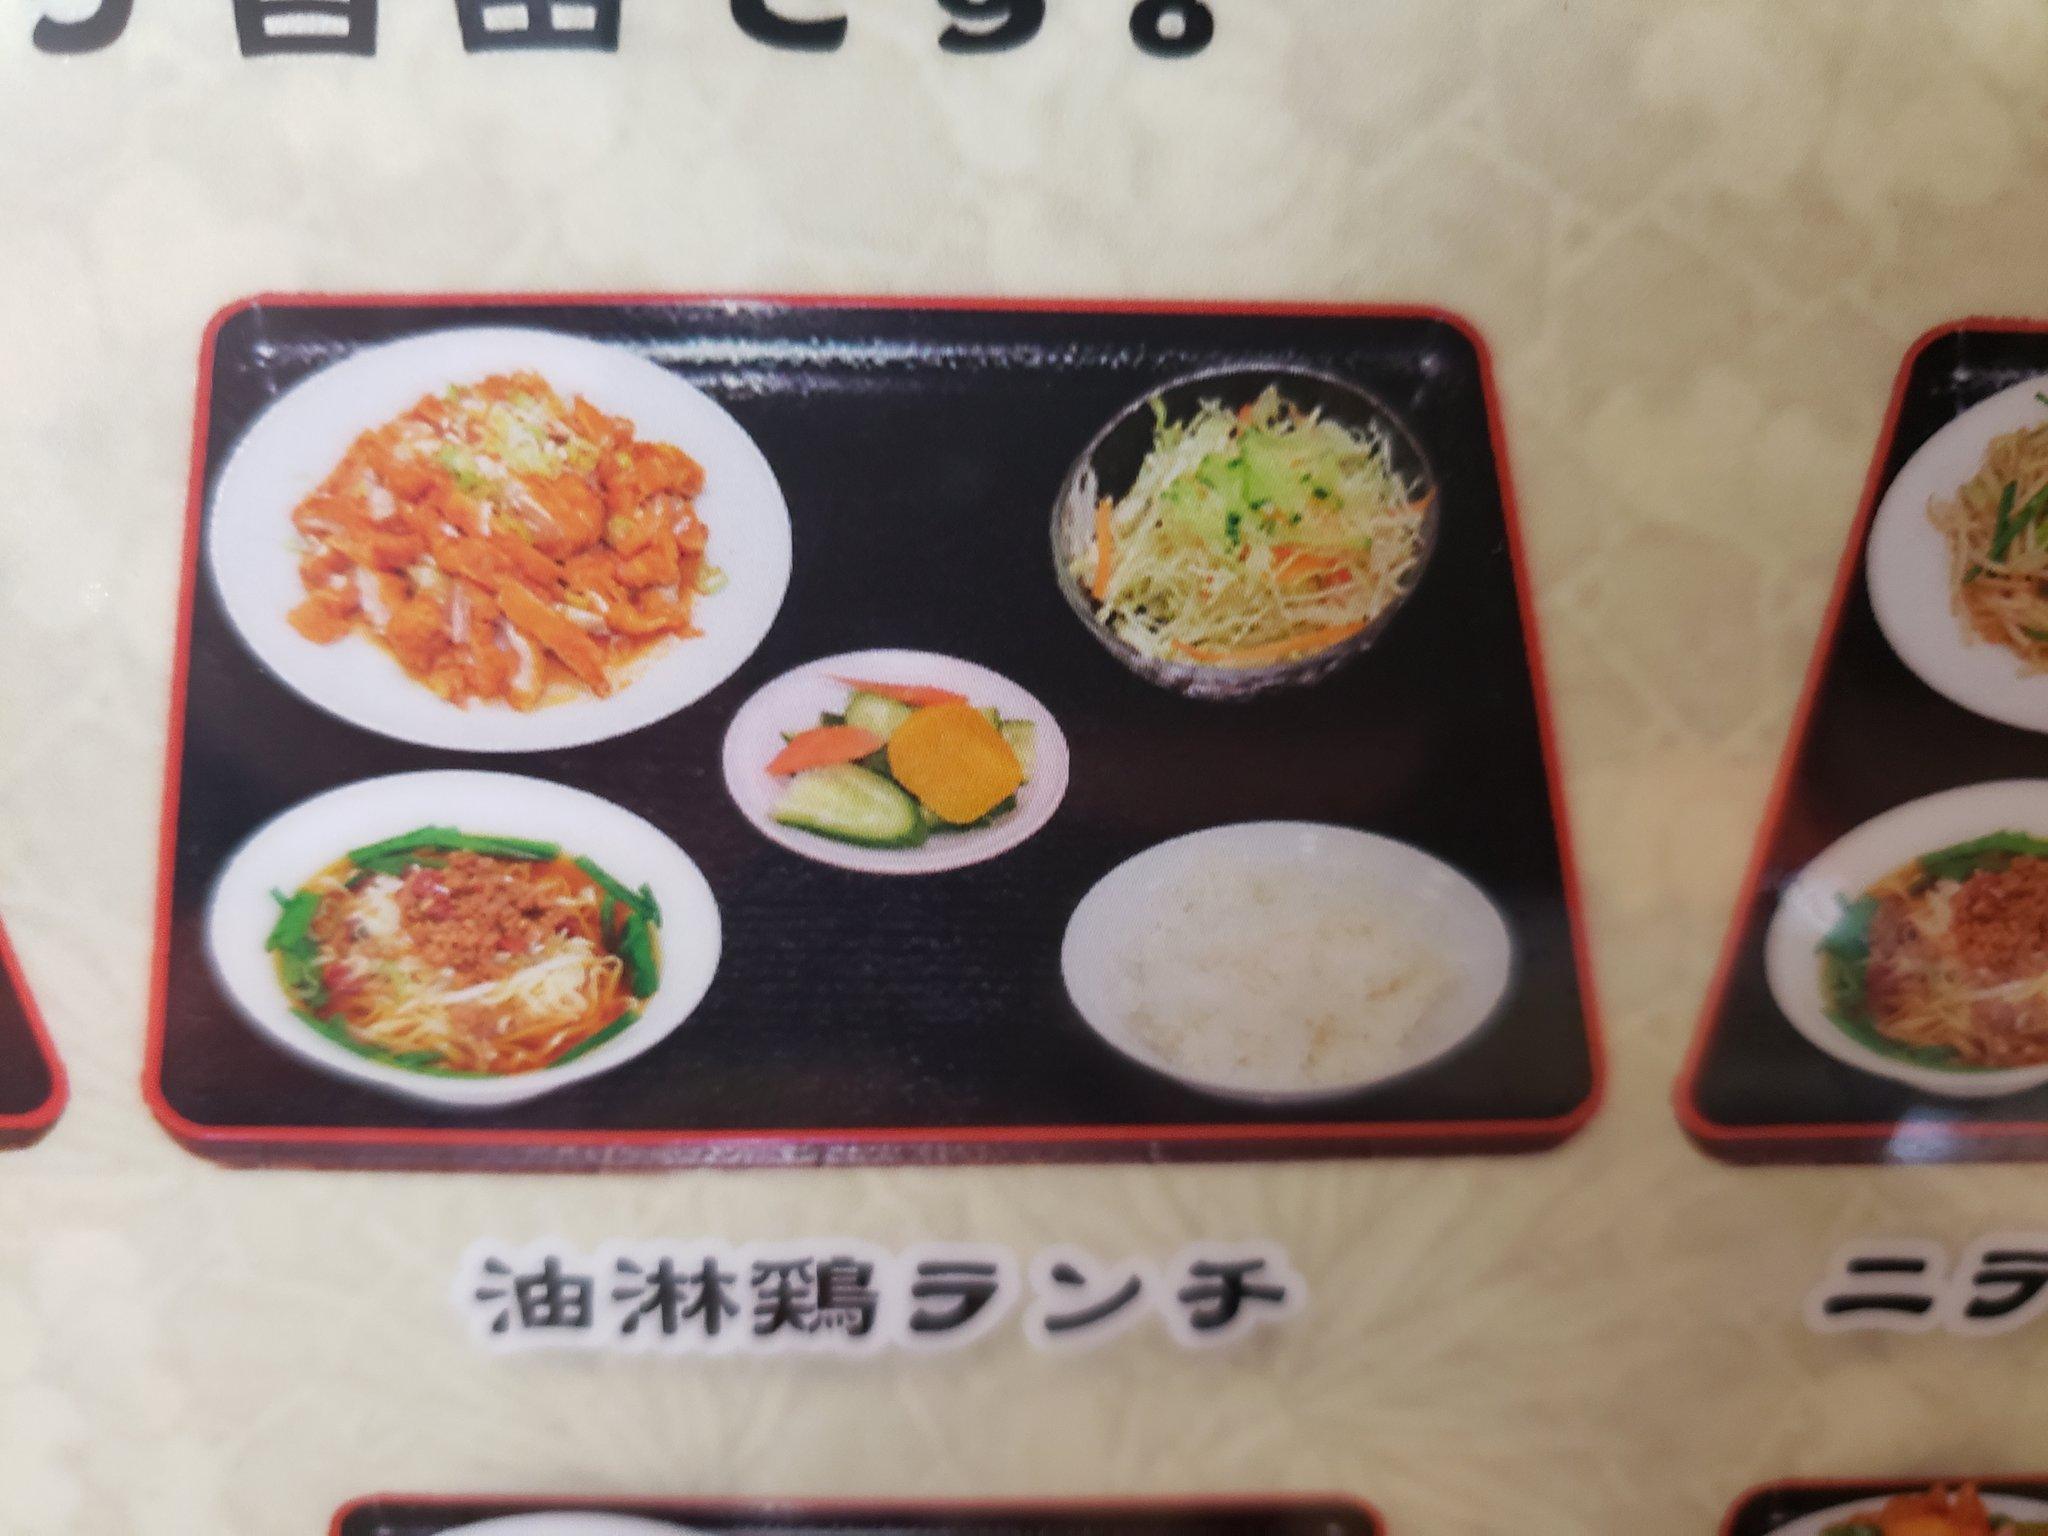 【画像】おかわり自由の油淋鶏定食を頼んだ結果www